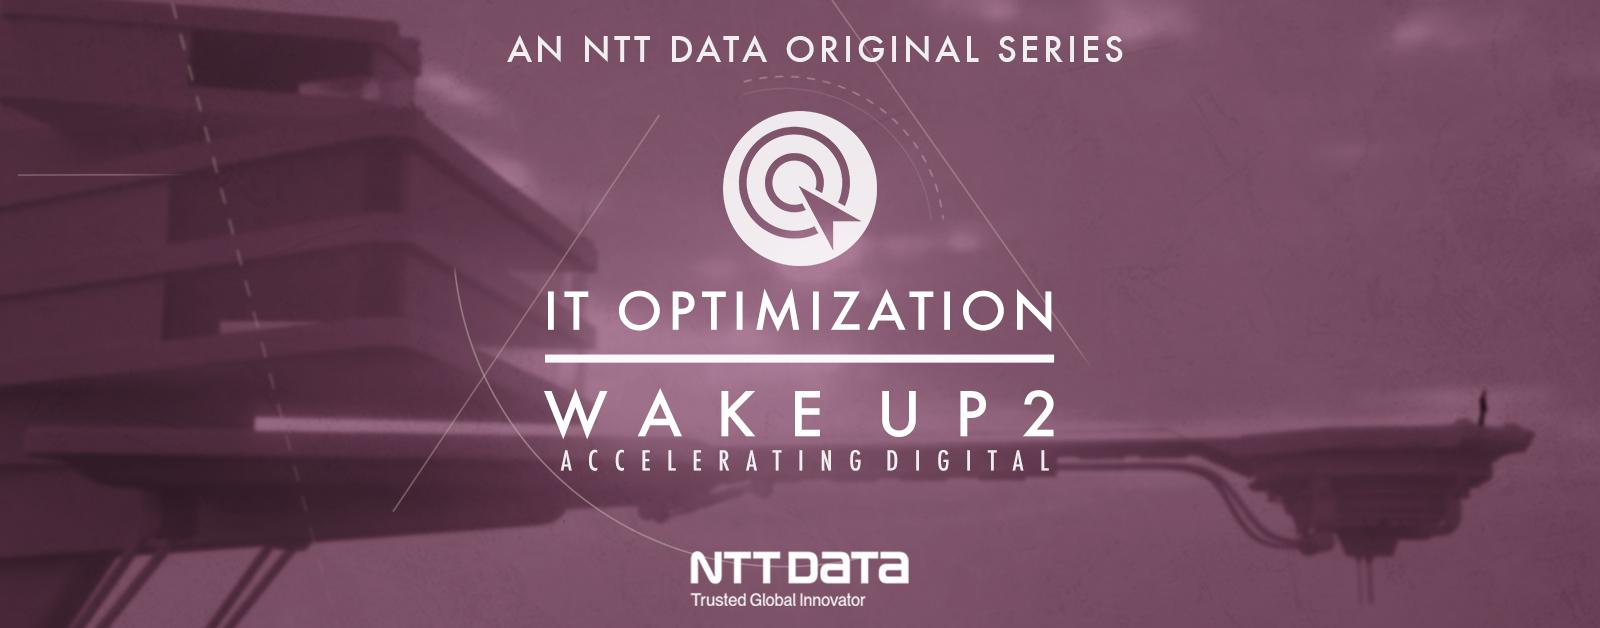 IT Optimization